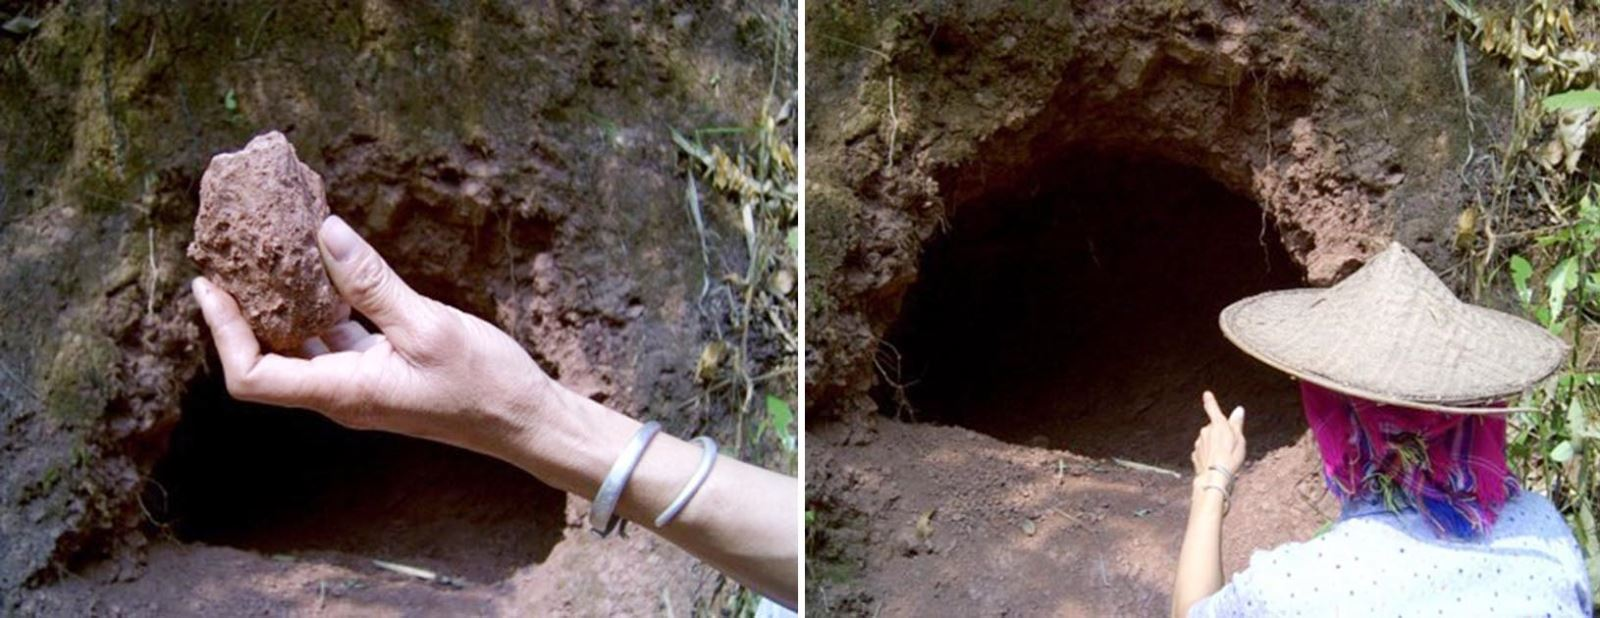 Người dân lấy đá khoáng từ trầm tích địa chất tự nhiên